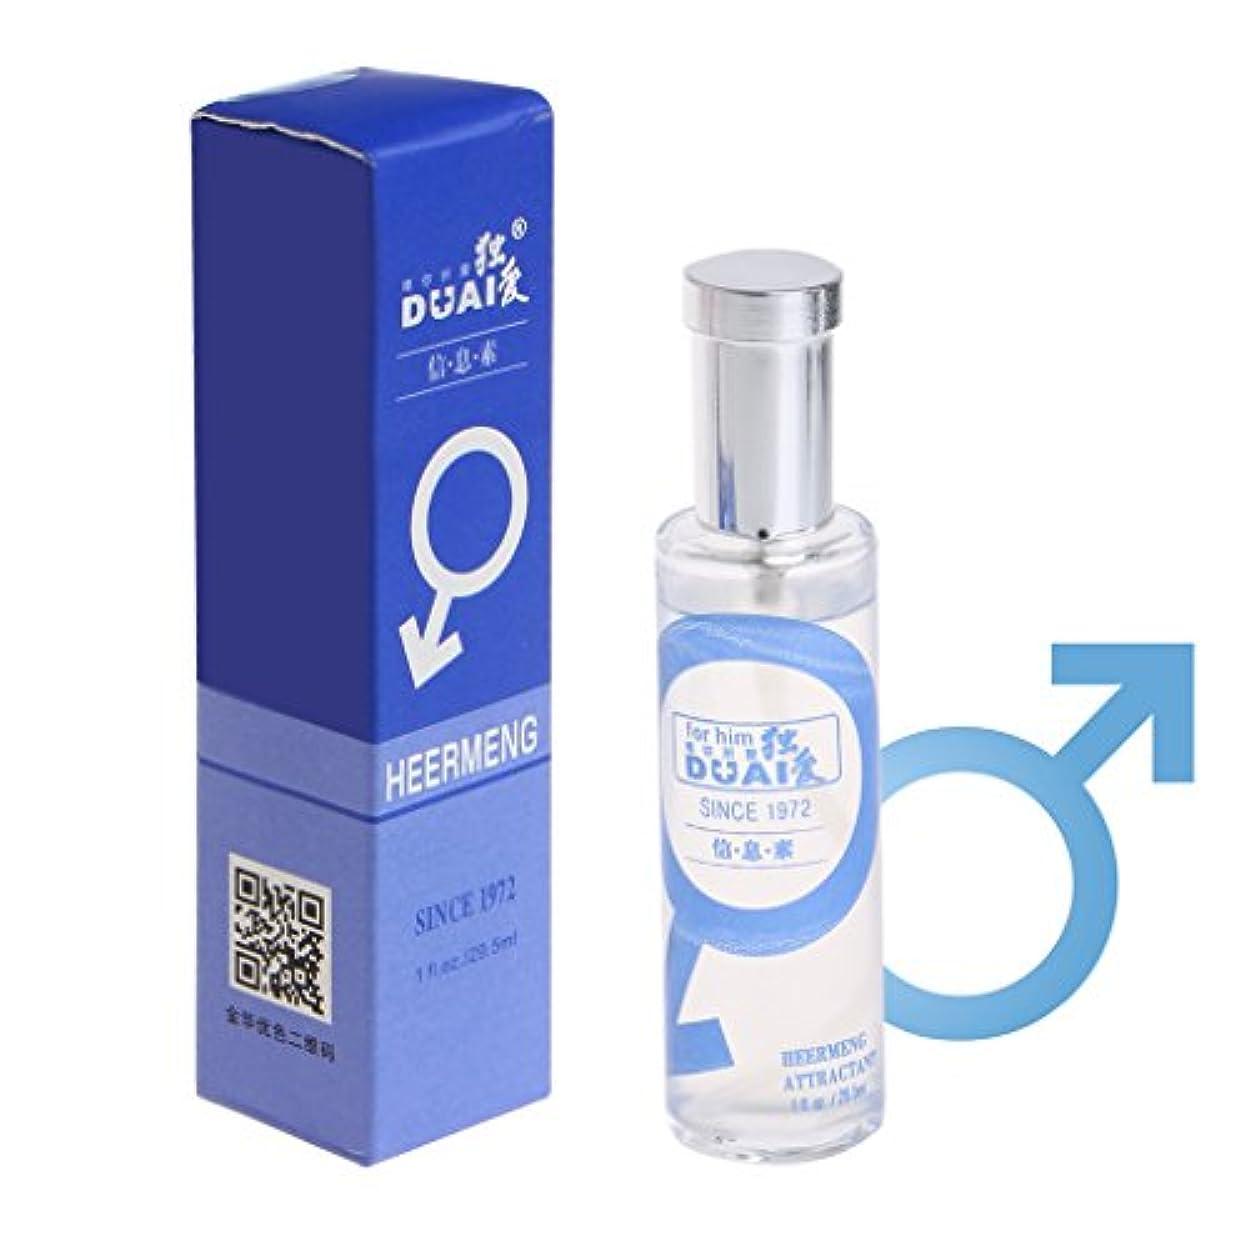 放出プロフィール純度JAGETRADEセクシーな香水香水ボディスプレーオイルフェロモン男性の性のおもちゃのための媚薬の供給